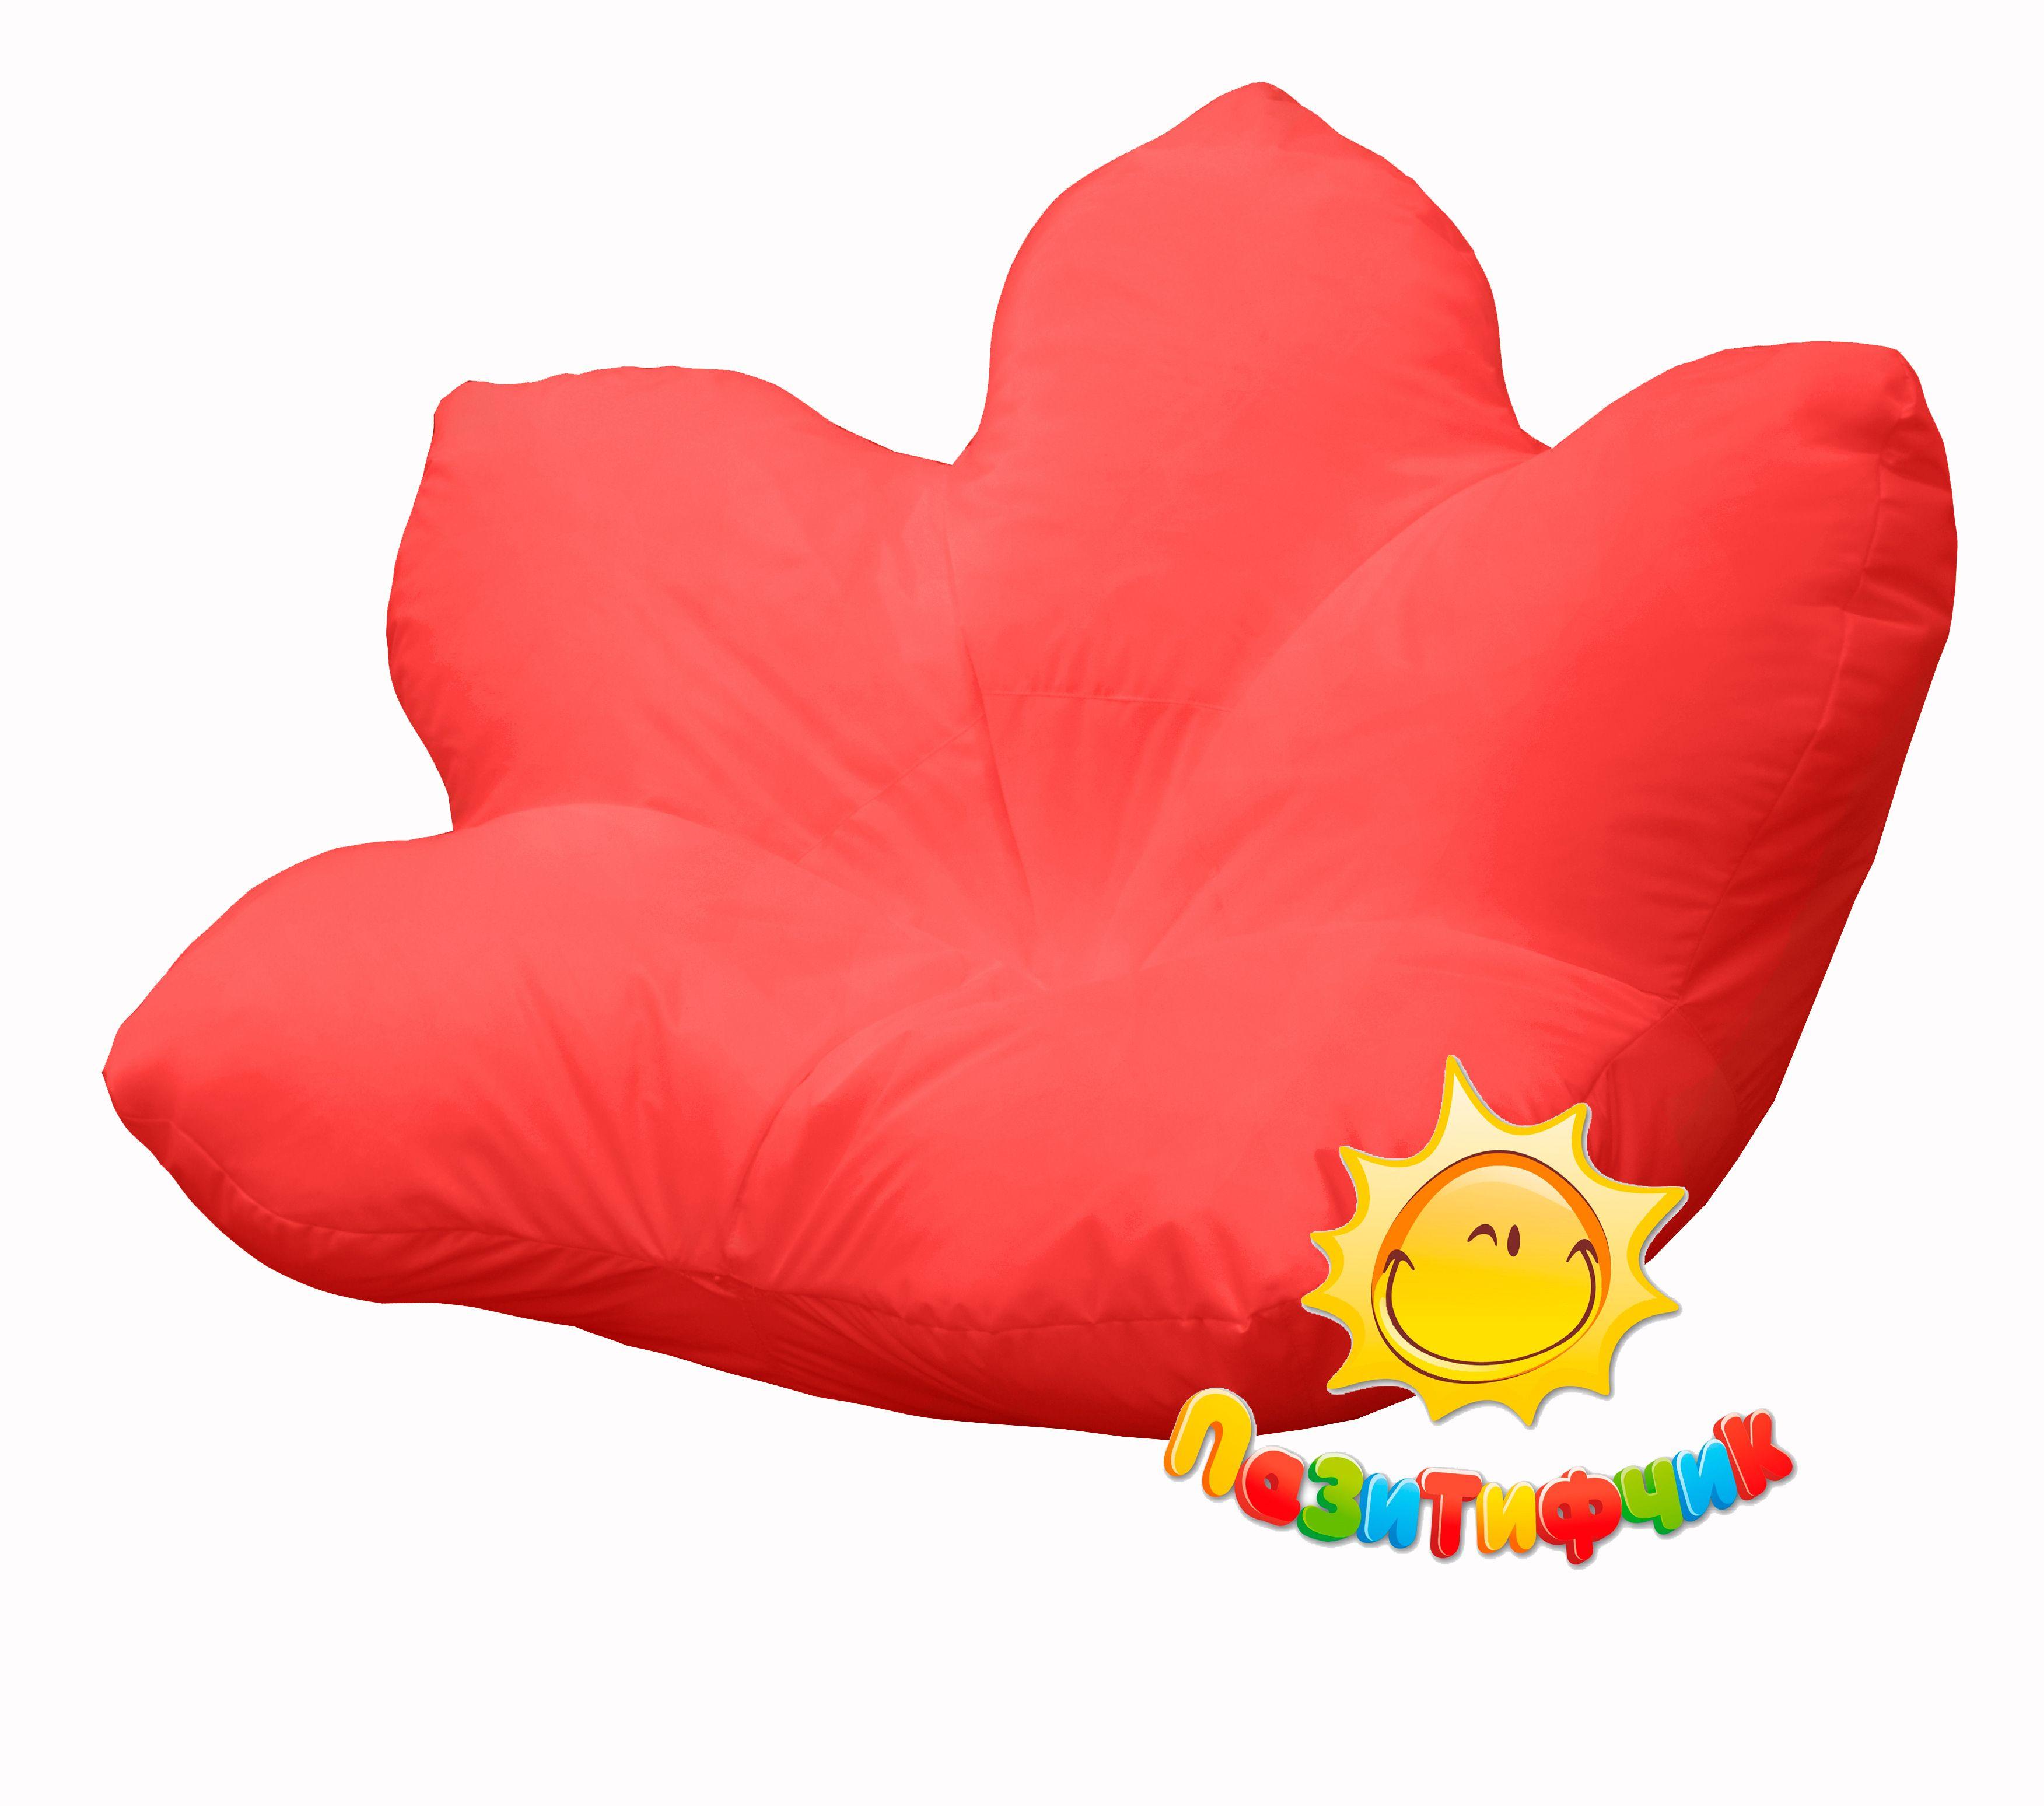 Кресло-мешок Pazitif Цветок Пазитифчик, размер XXXL, оксфорд, красный фото